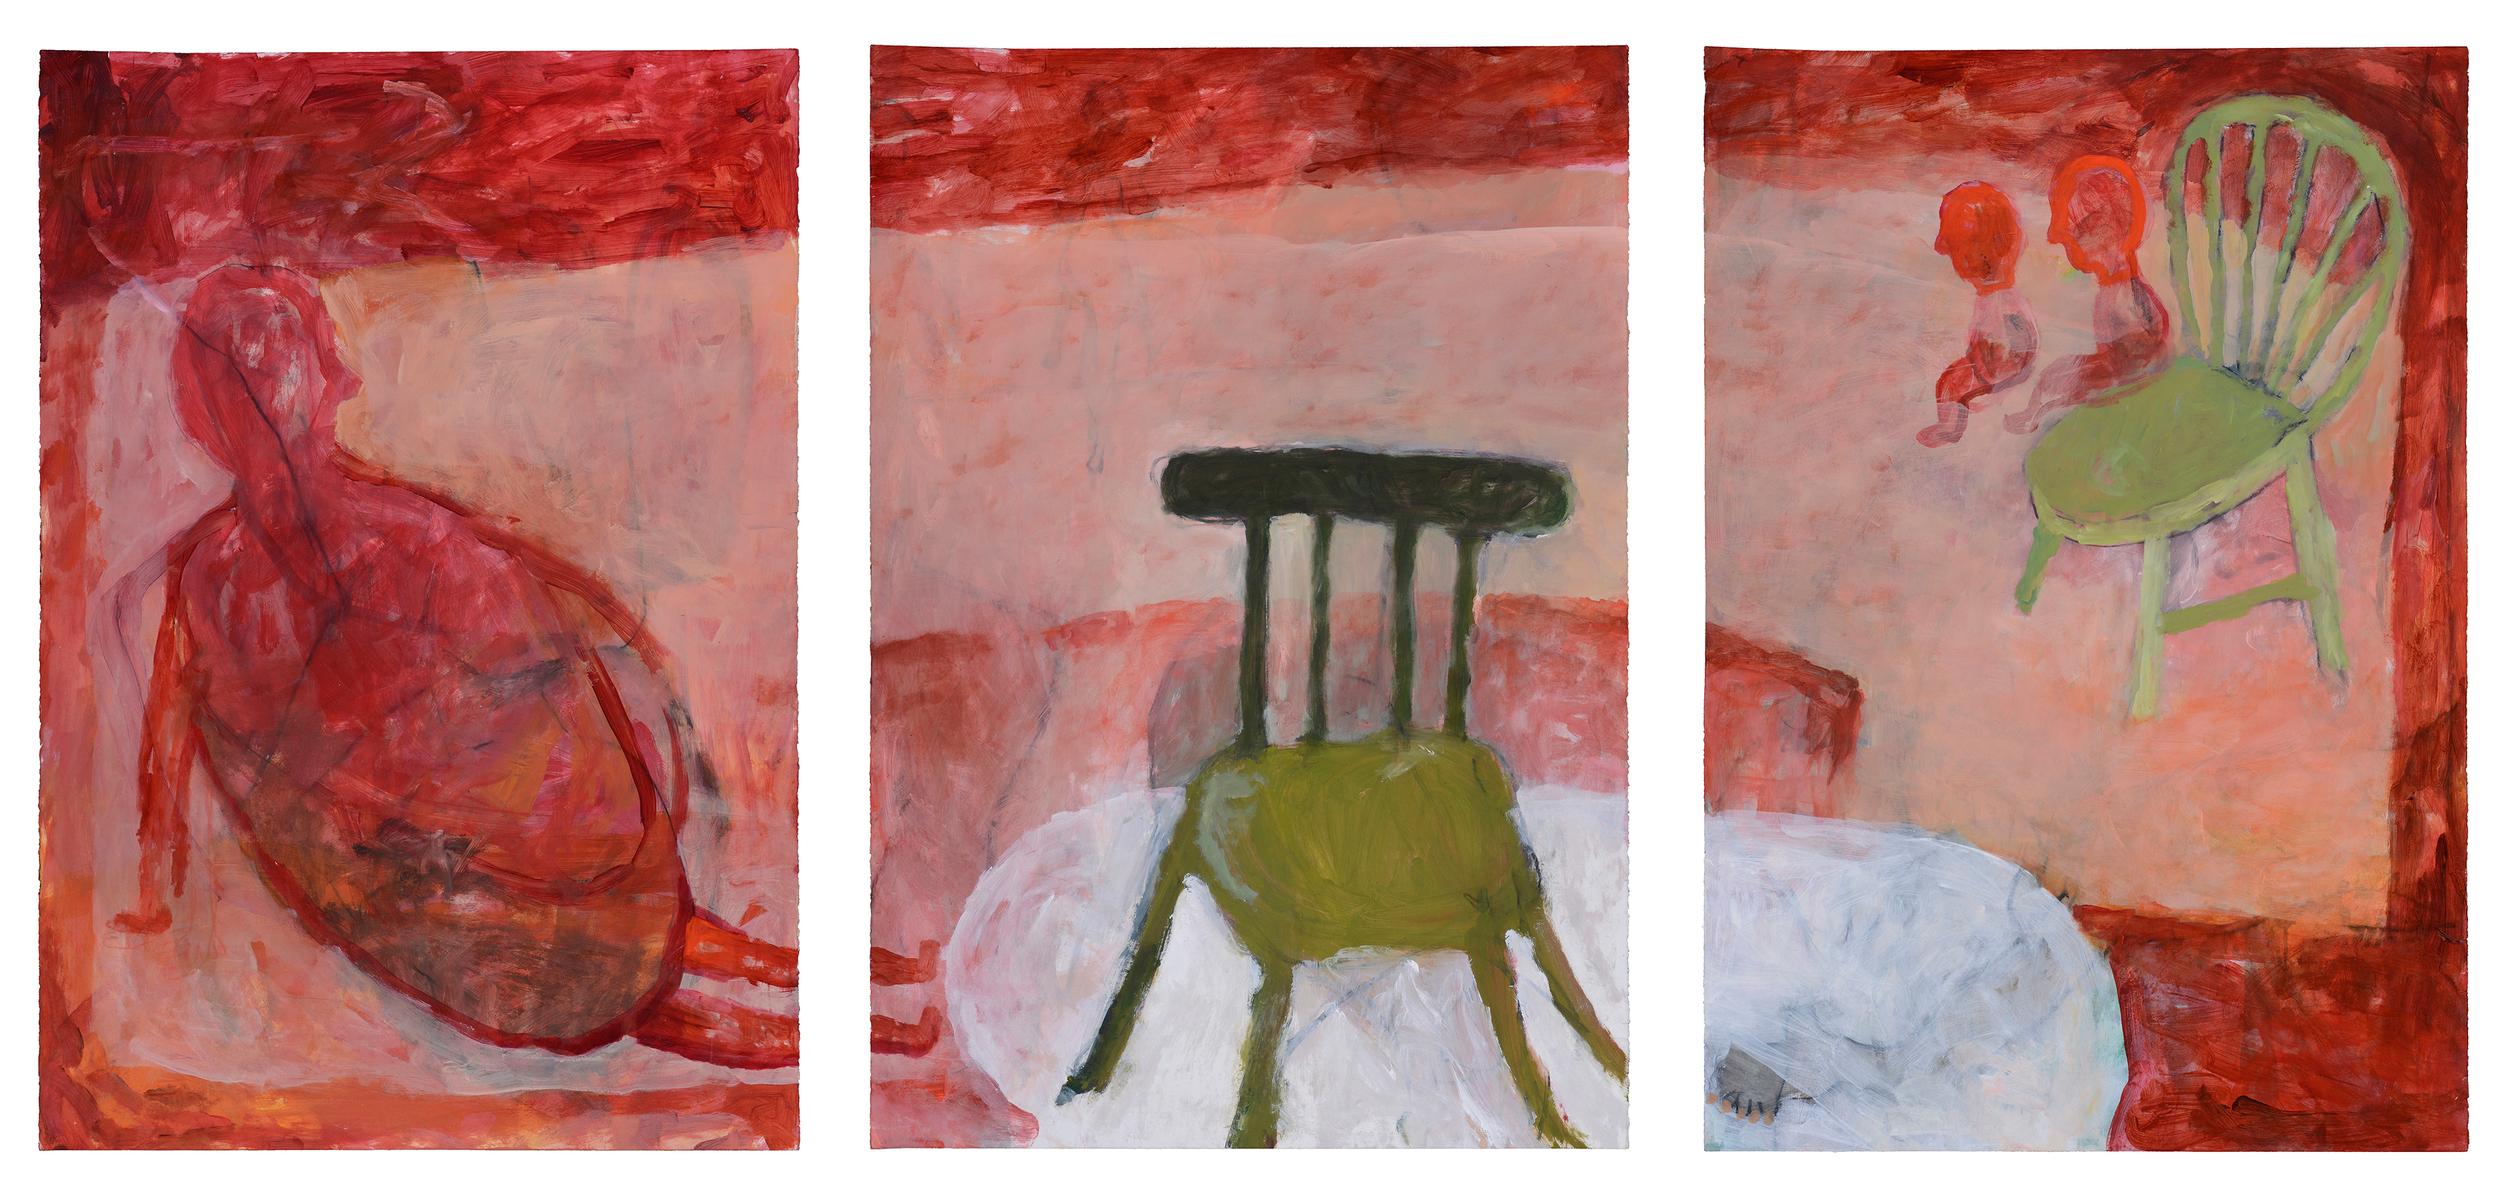 redfiguregreenchairs.jpg